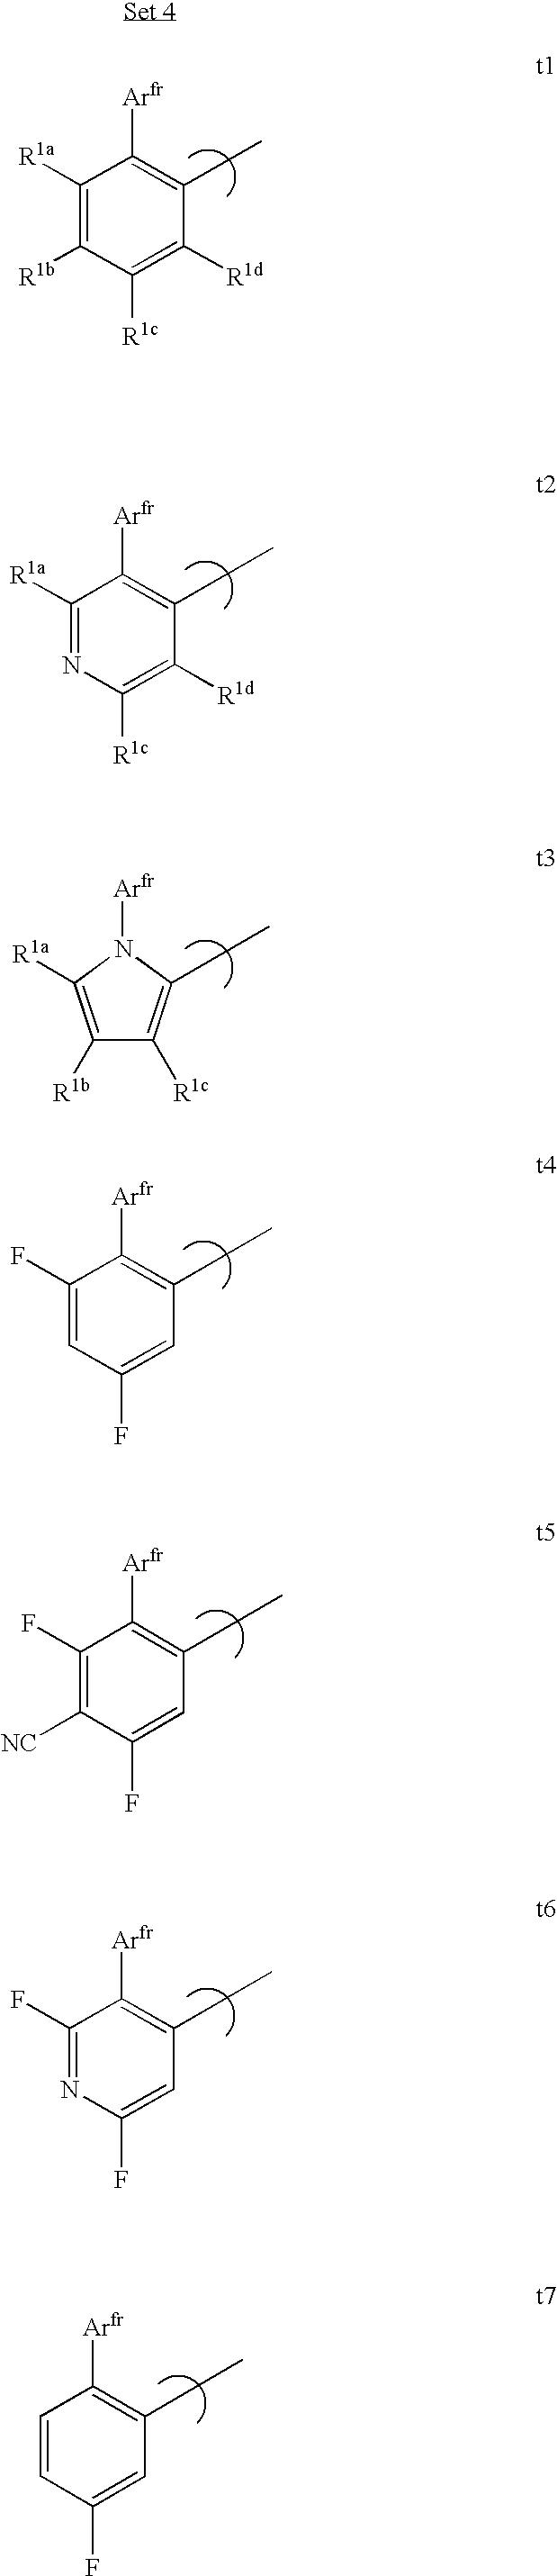 Figure US20070088167A1-20070419-C00009